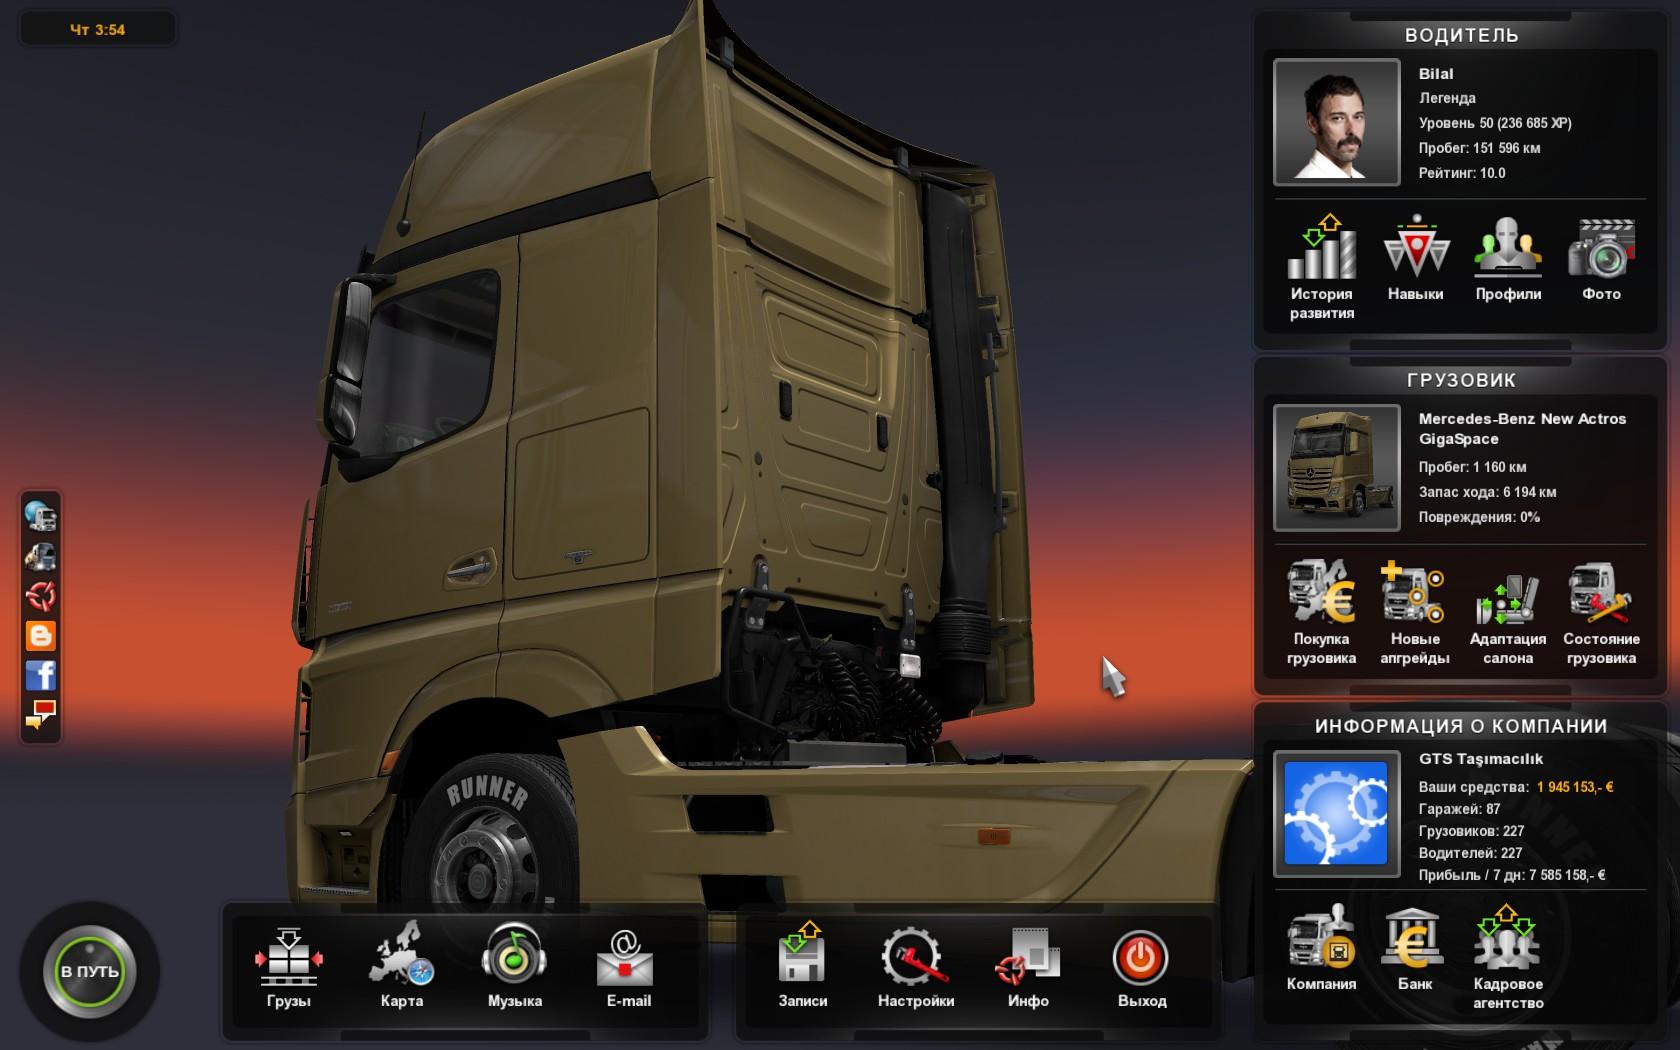 Скачать мод профиль euro truck simulator 2